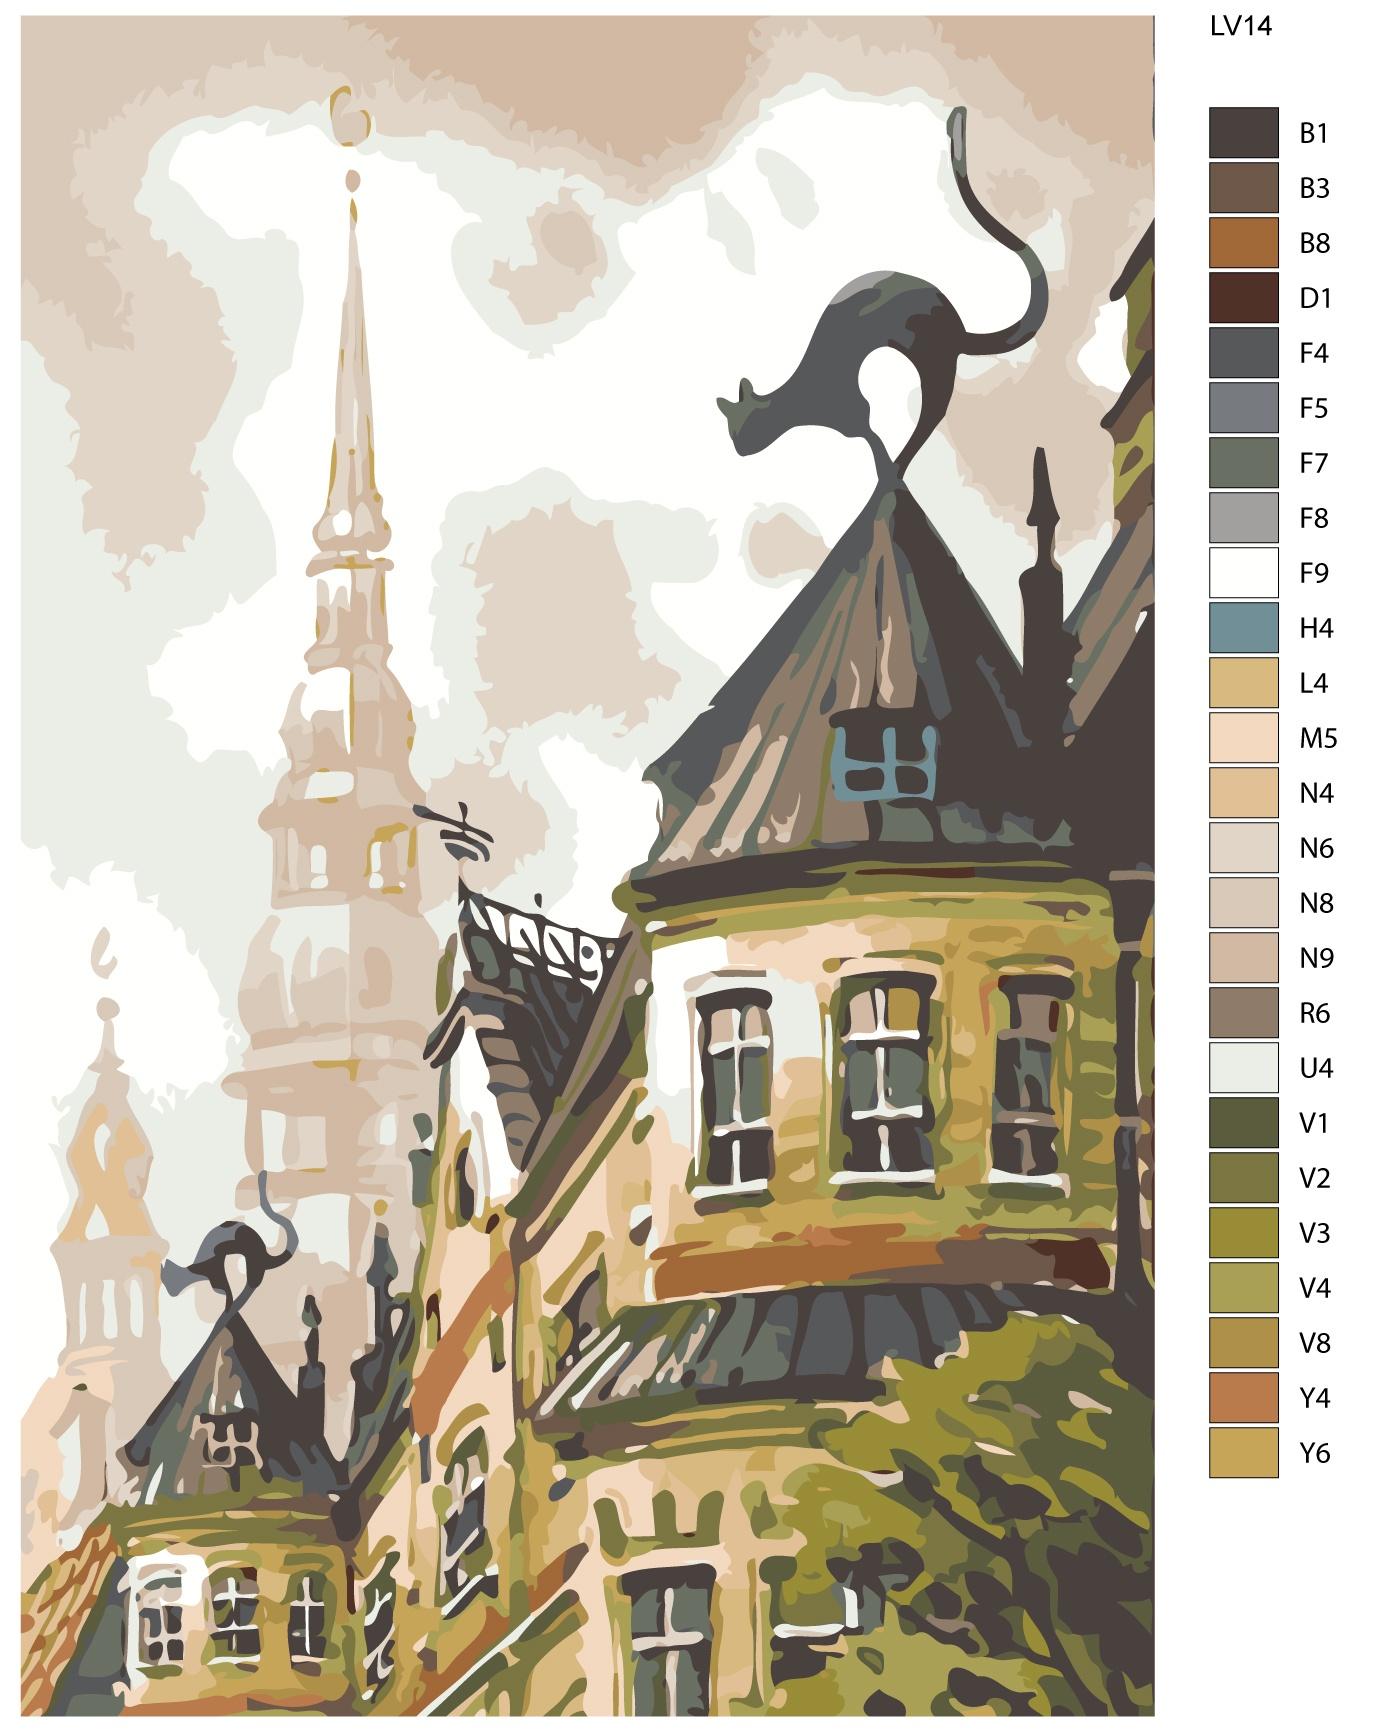 Герои, открытки с зданием